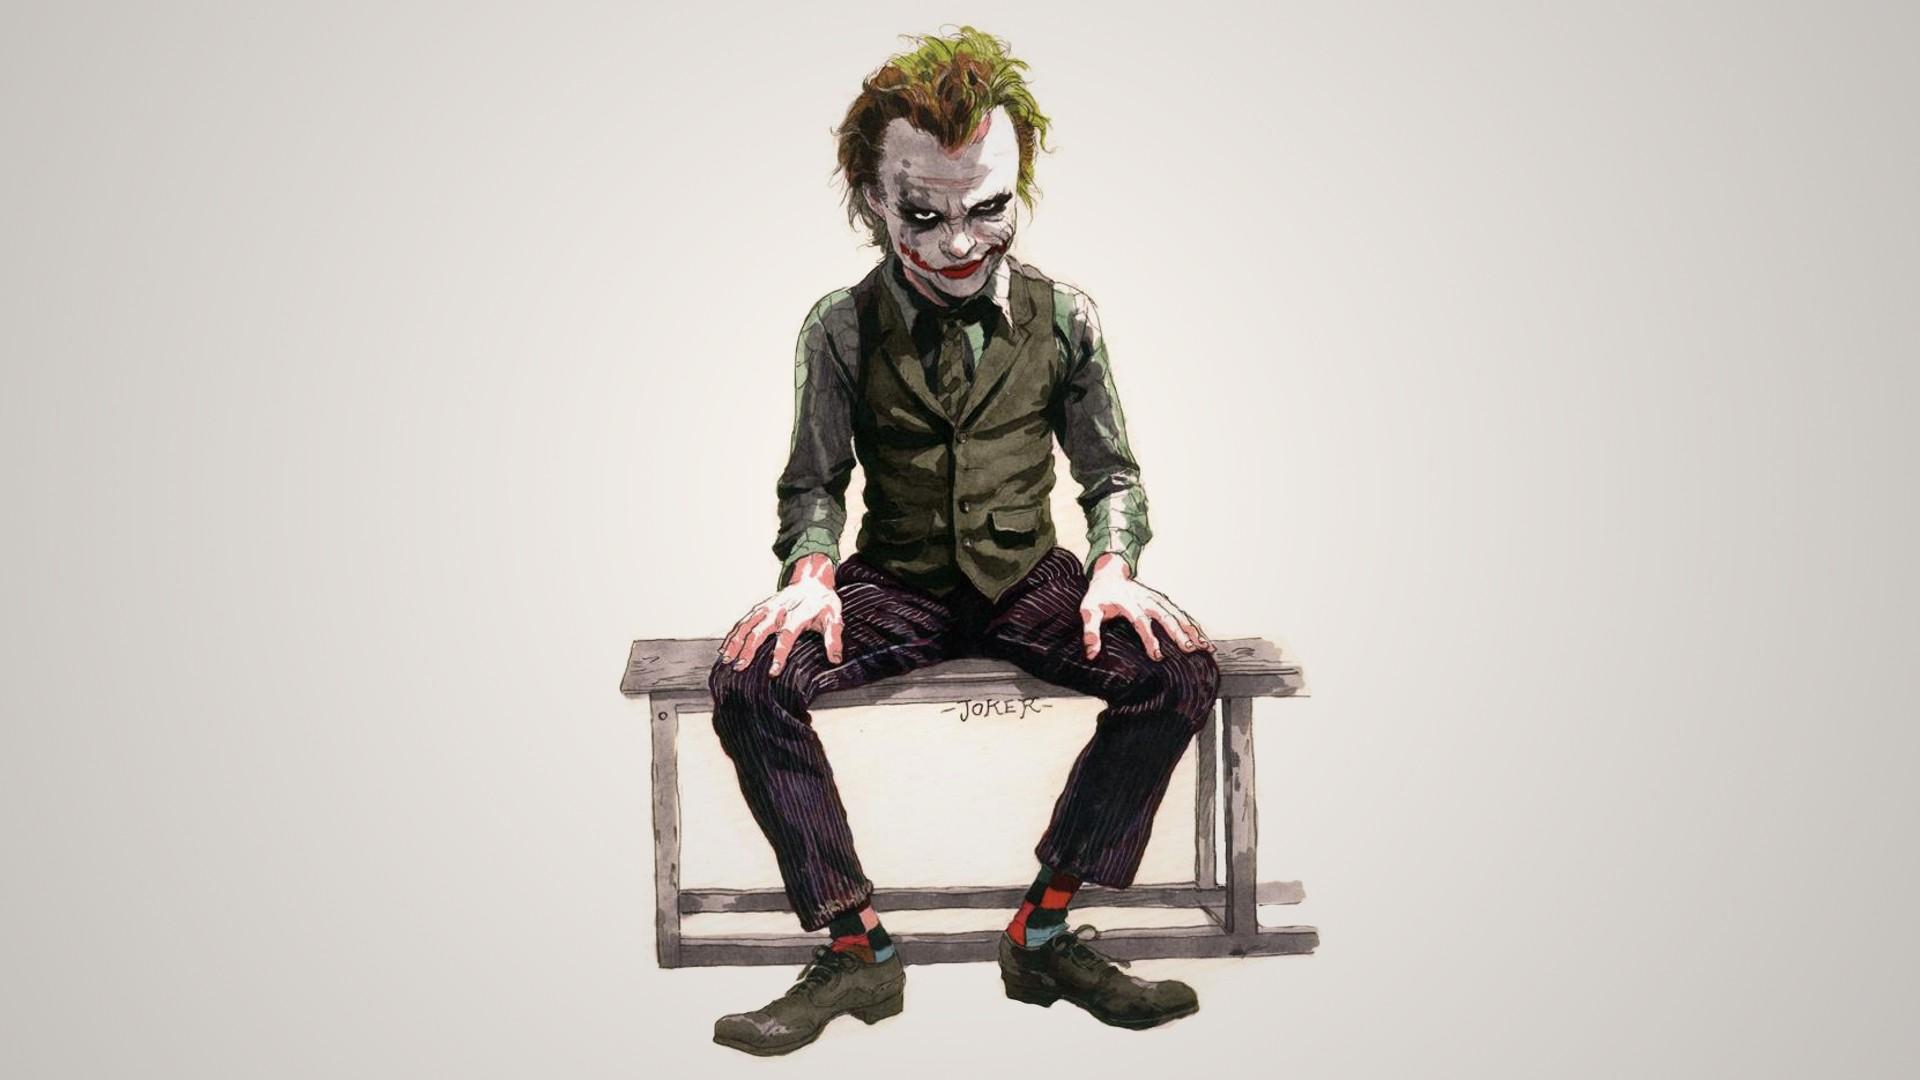 Batman The Joker Artwork Wallpaper 1920x1080 59535 Wallpaperup